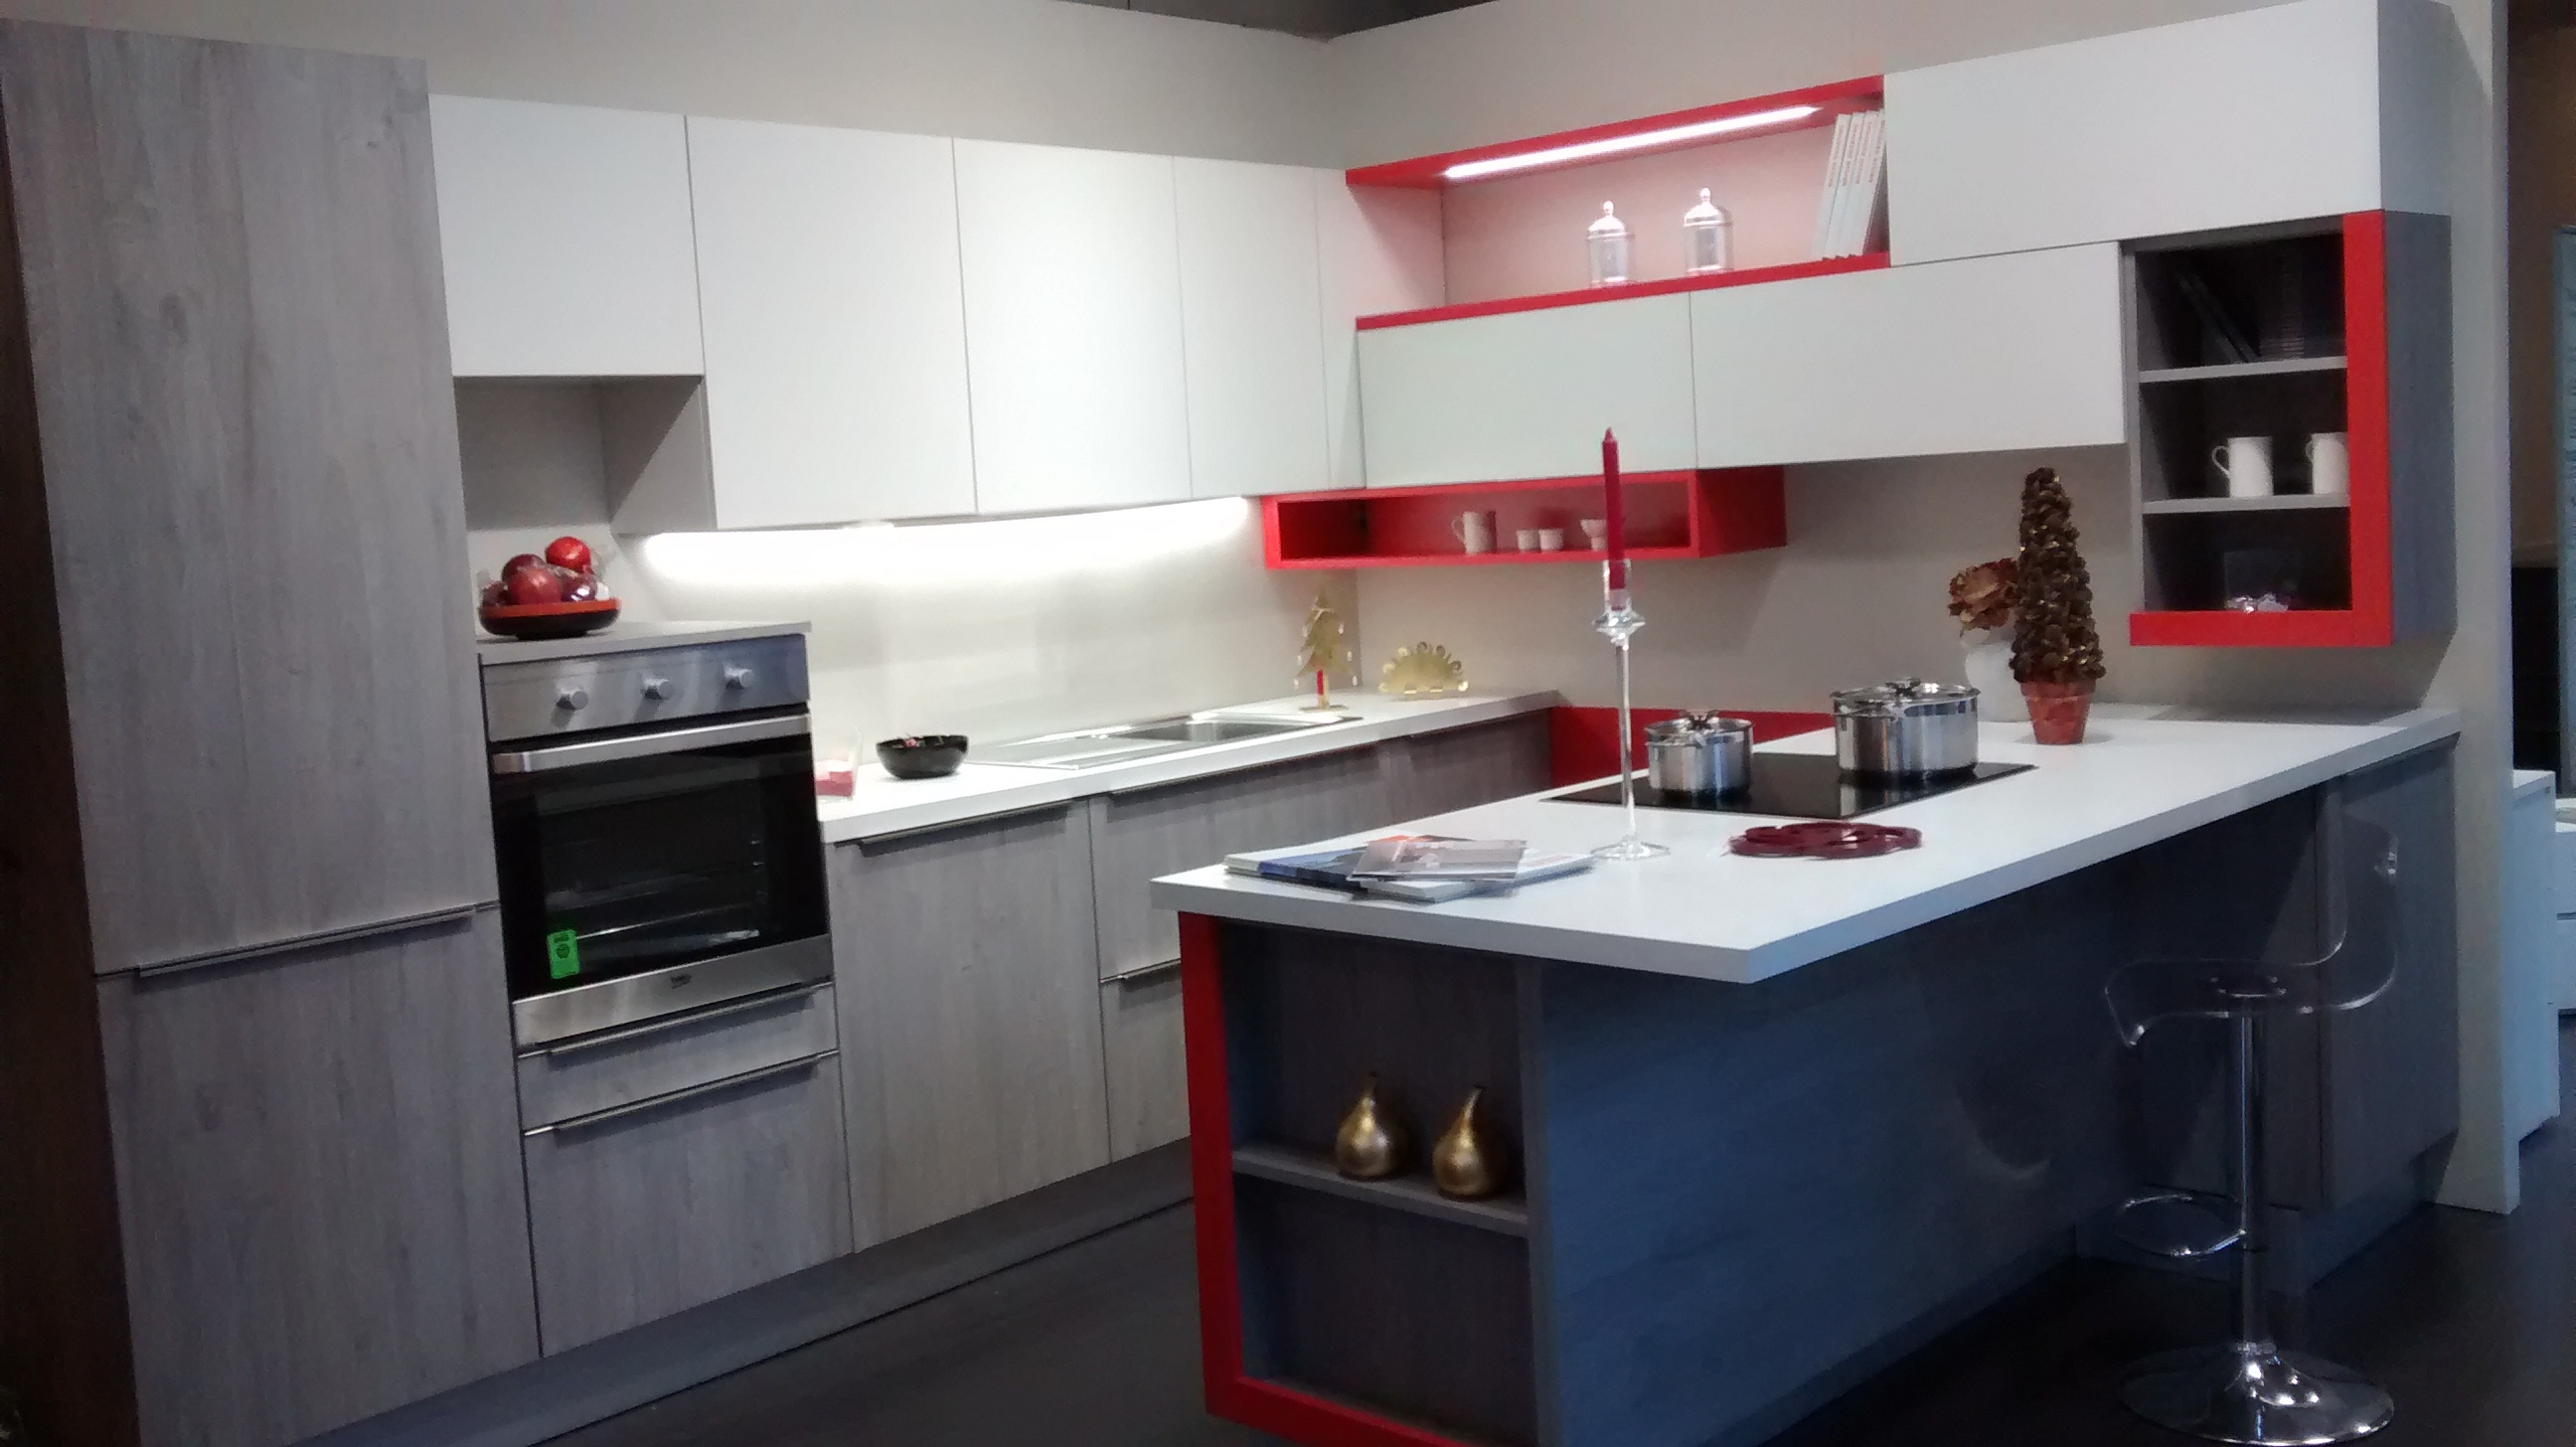 Cucina Snaidero Modello Streep Moderna Laminato Materico Grigio  #A42732 2592 1456 Top Cucina In Laminato Opinioni